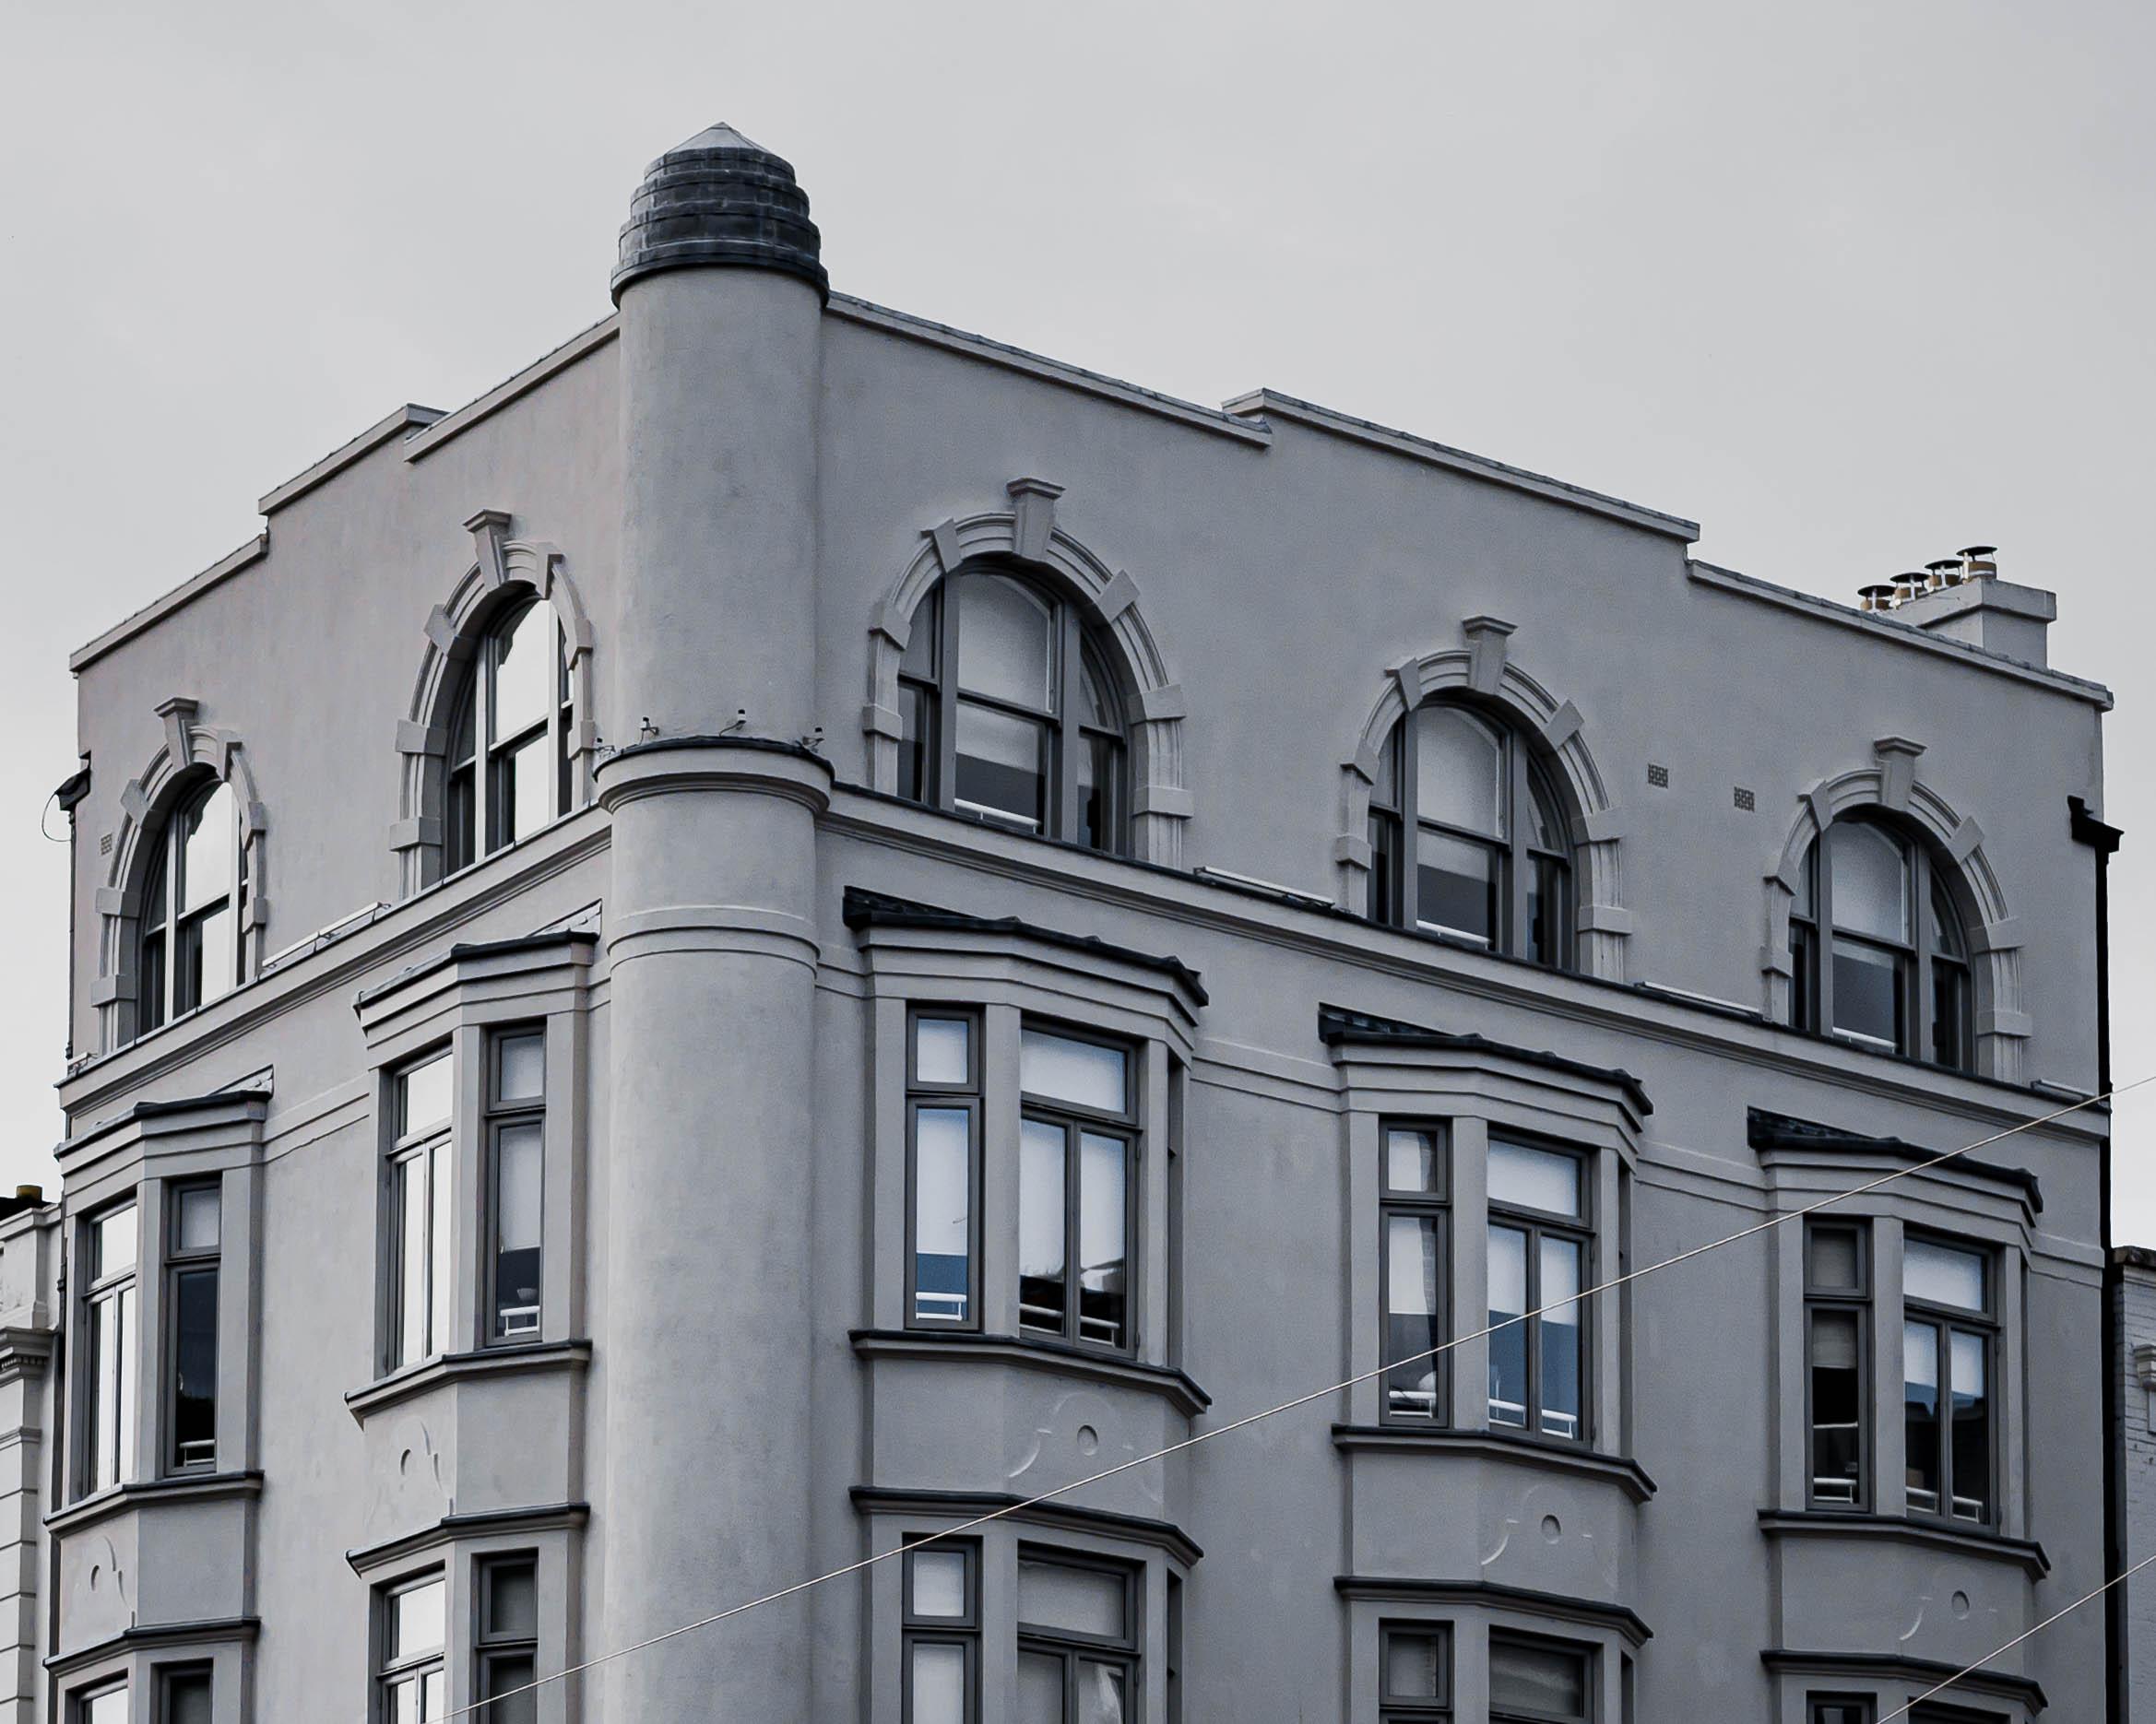 Dublin City Centre – architecture shots